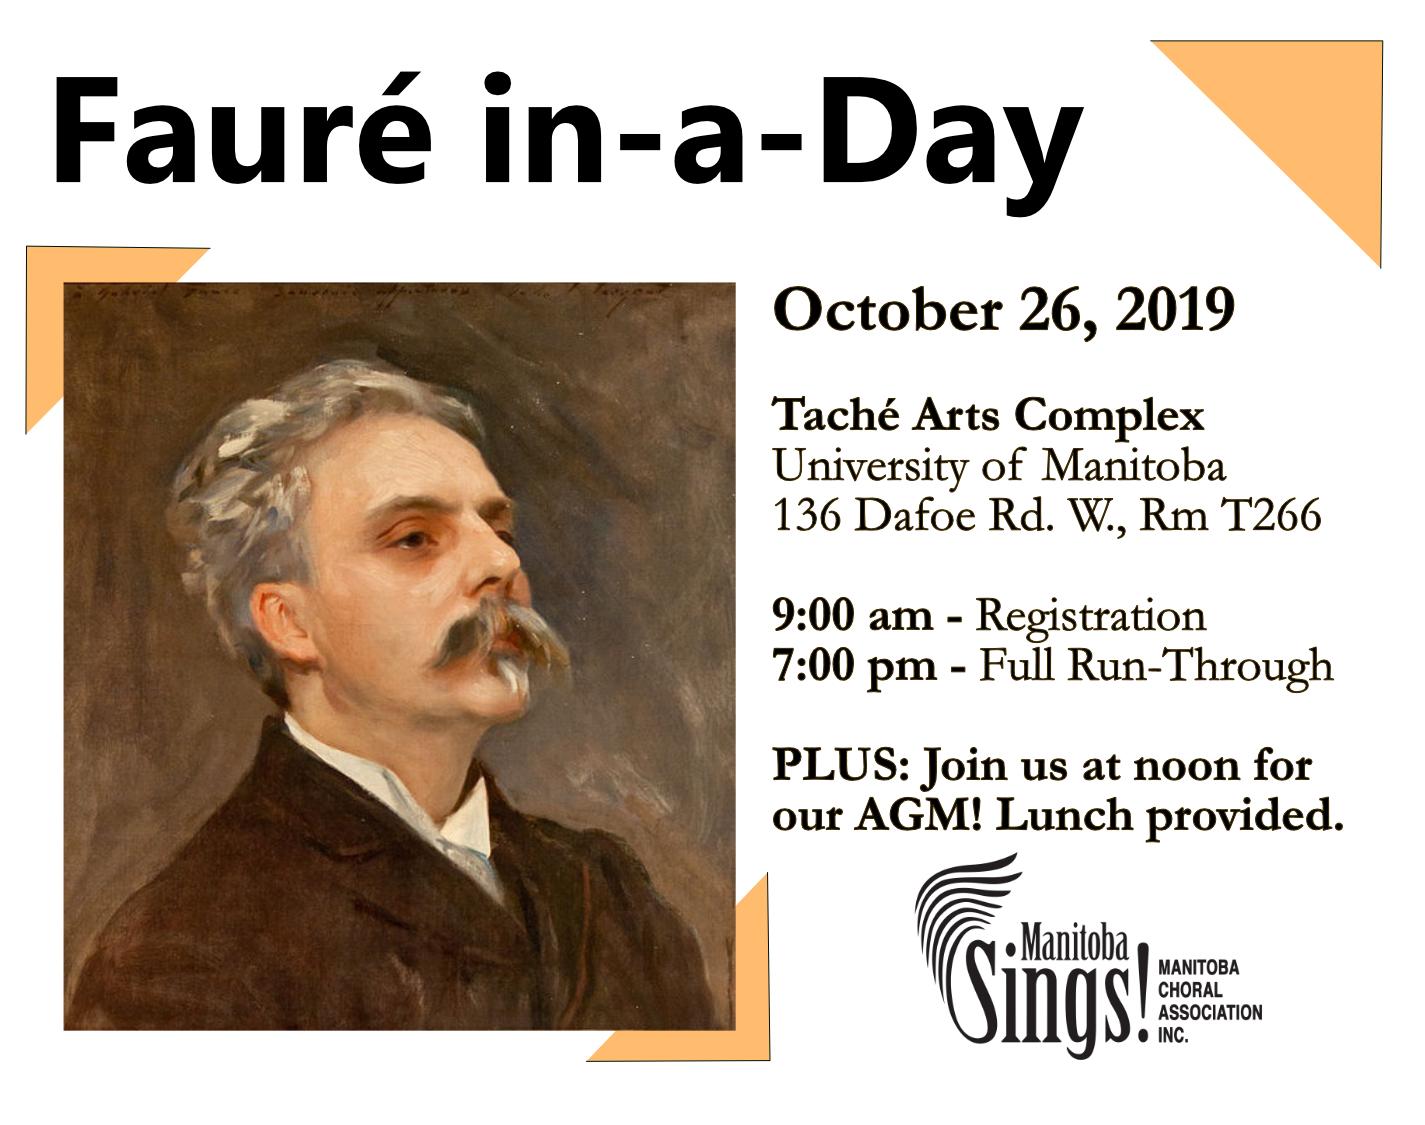 Fauré Graphic.jpg